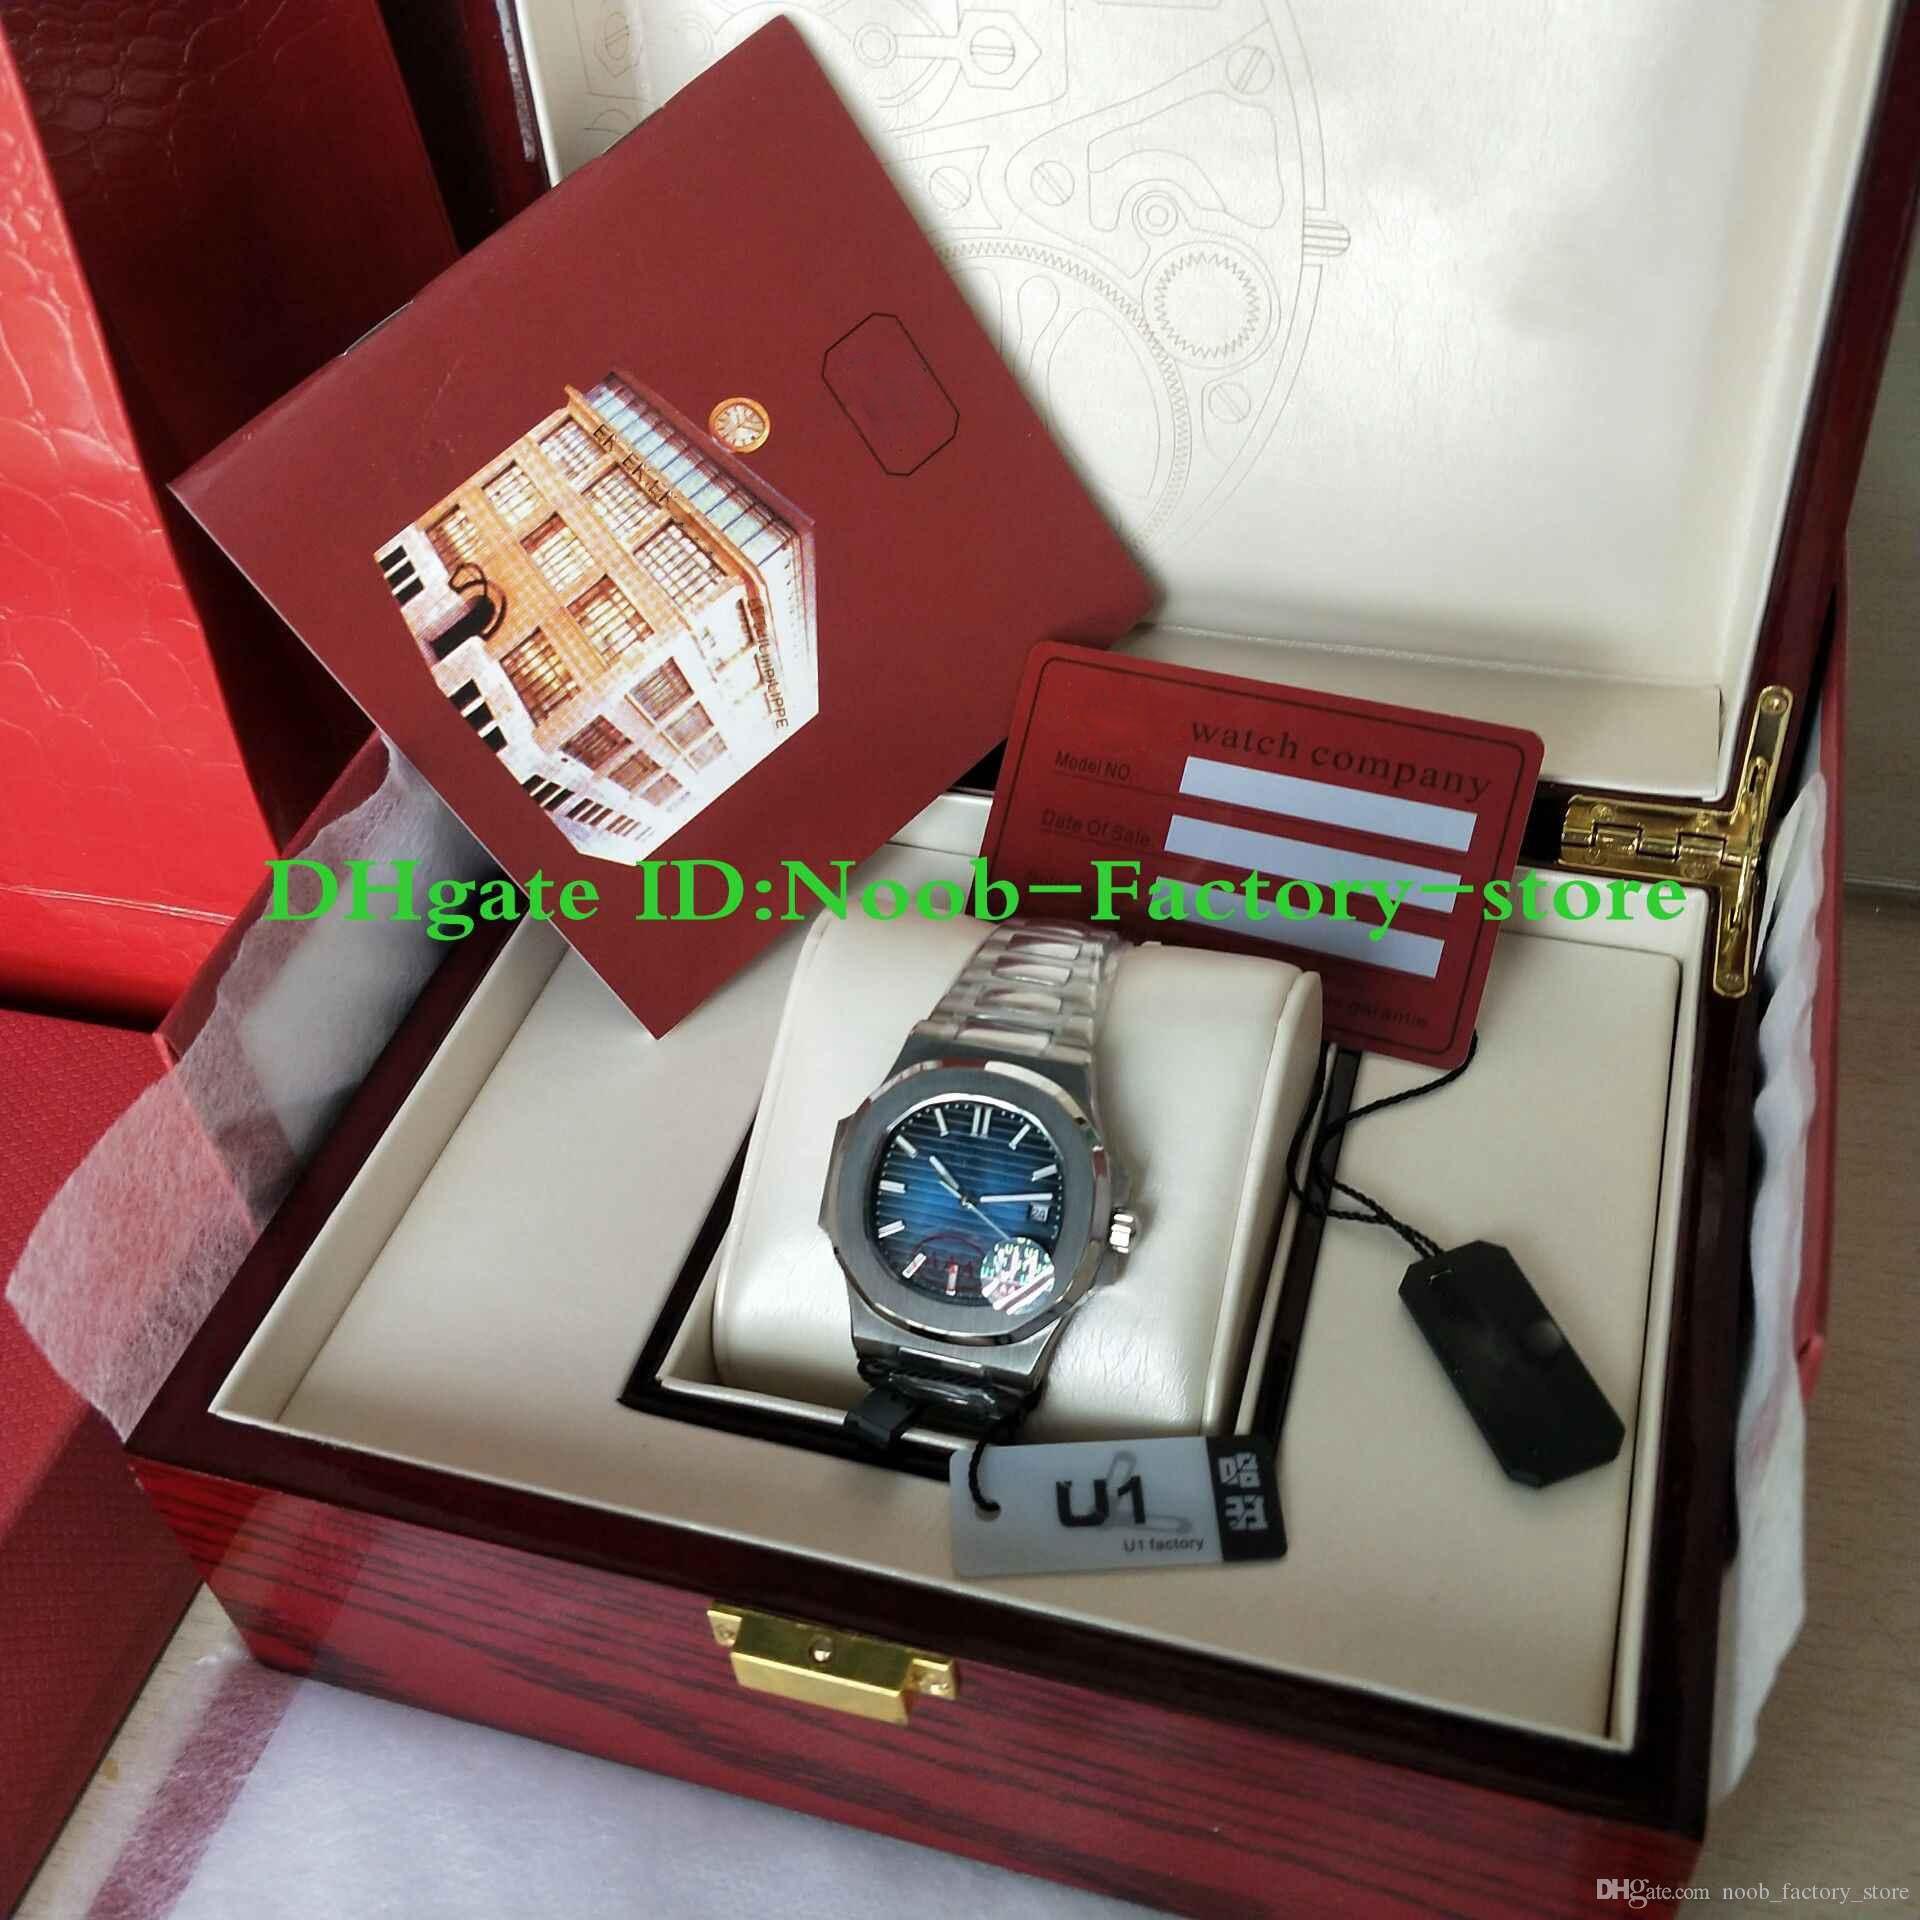 U1 usine MENS Mouvement automatique Mouvement 40 mm Montre Bleu Dial Classic 5711 / 1A Montres Montres transparentes Backwatches d'origine Boîte d'origine